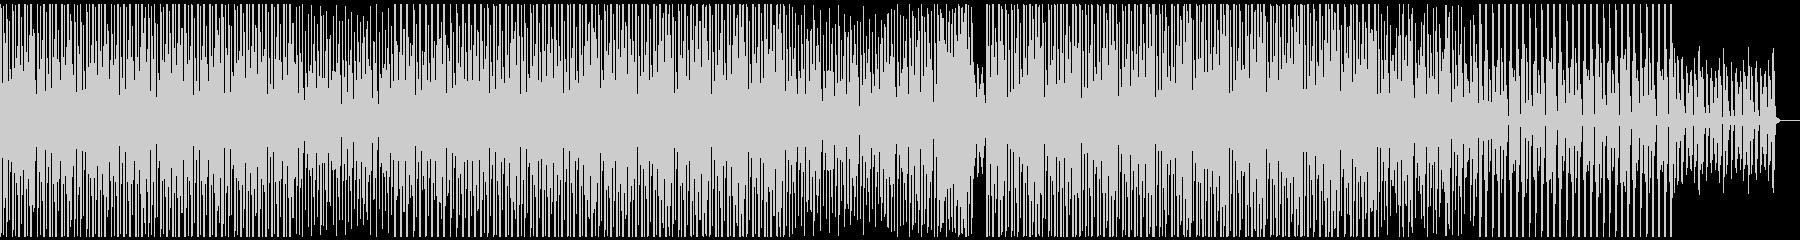 パーカッションが軽快なミニマルハウスの未再生の波形